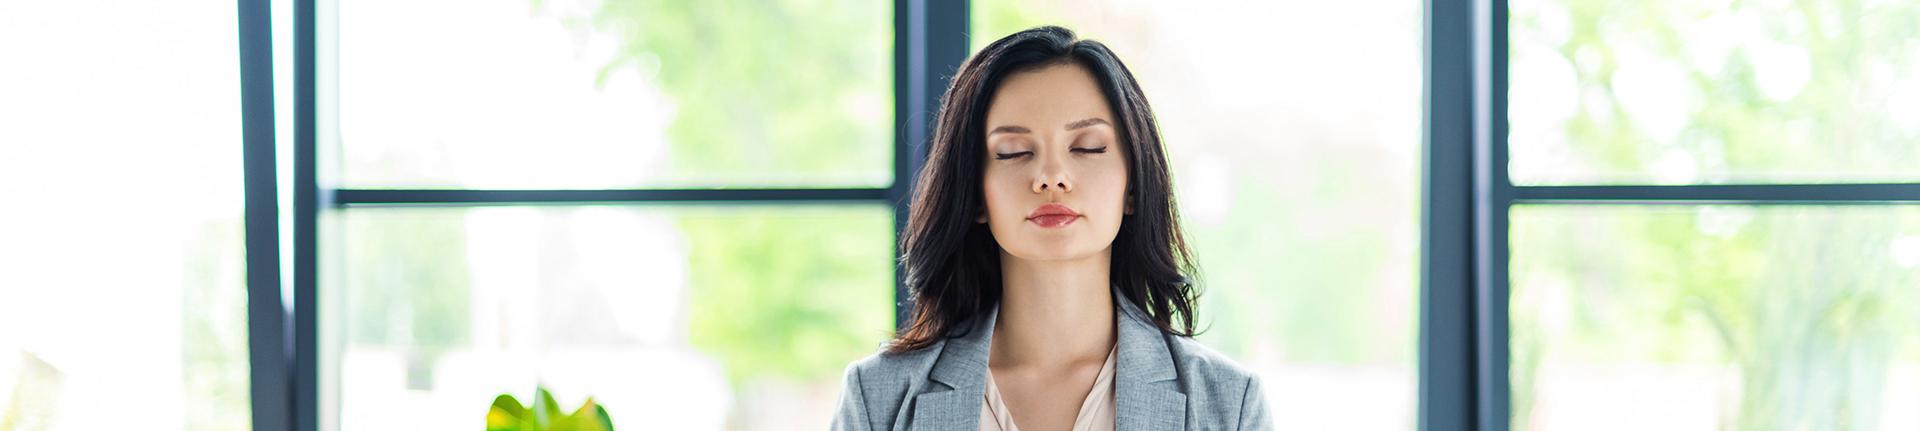 Mindfulness: atenção plena no aqui e agora